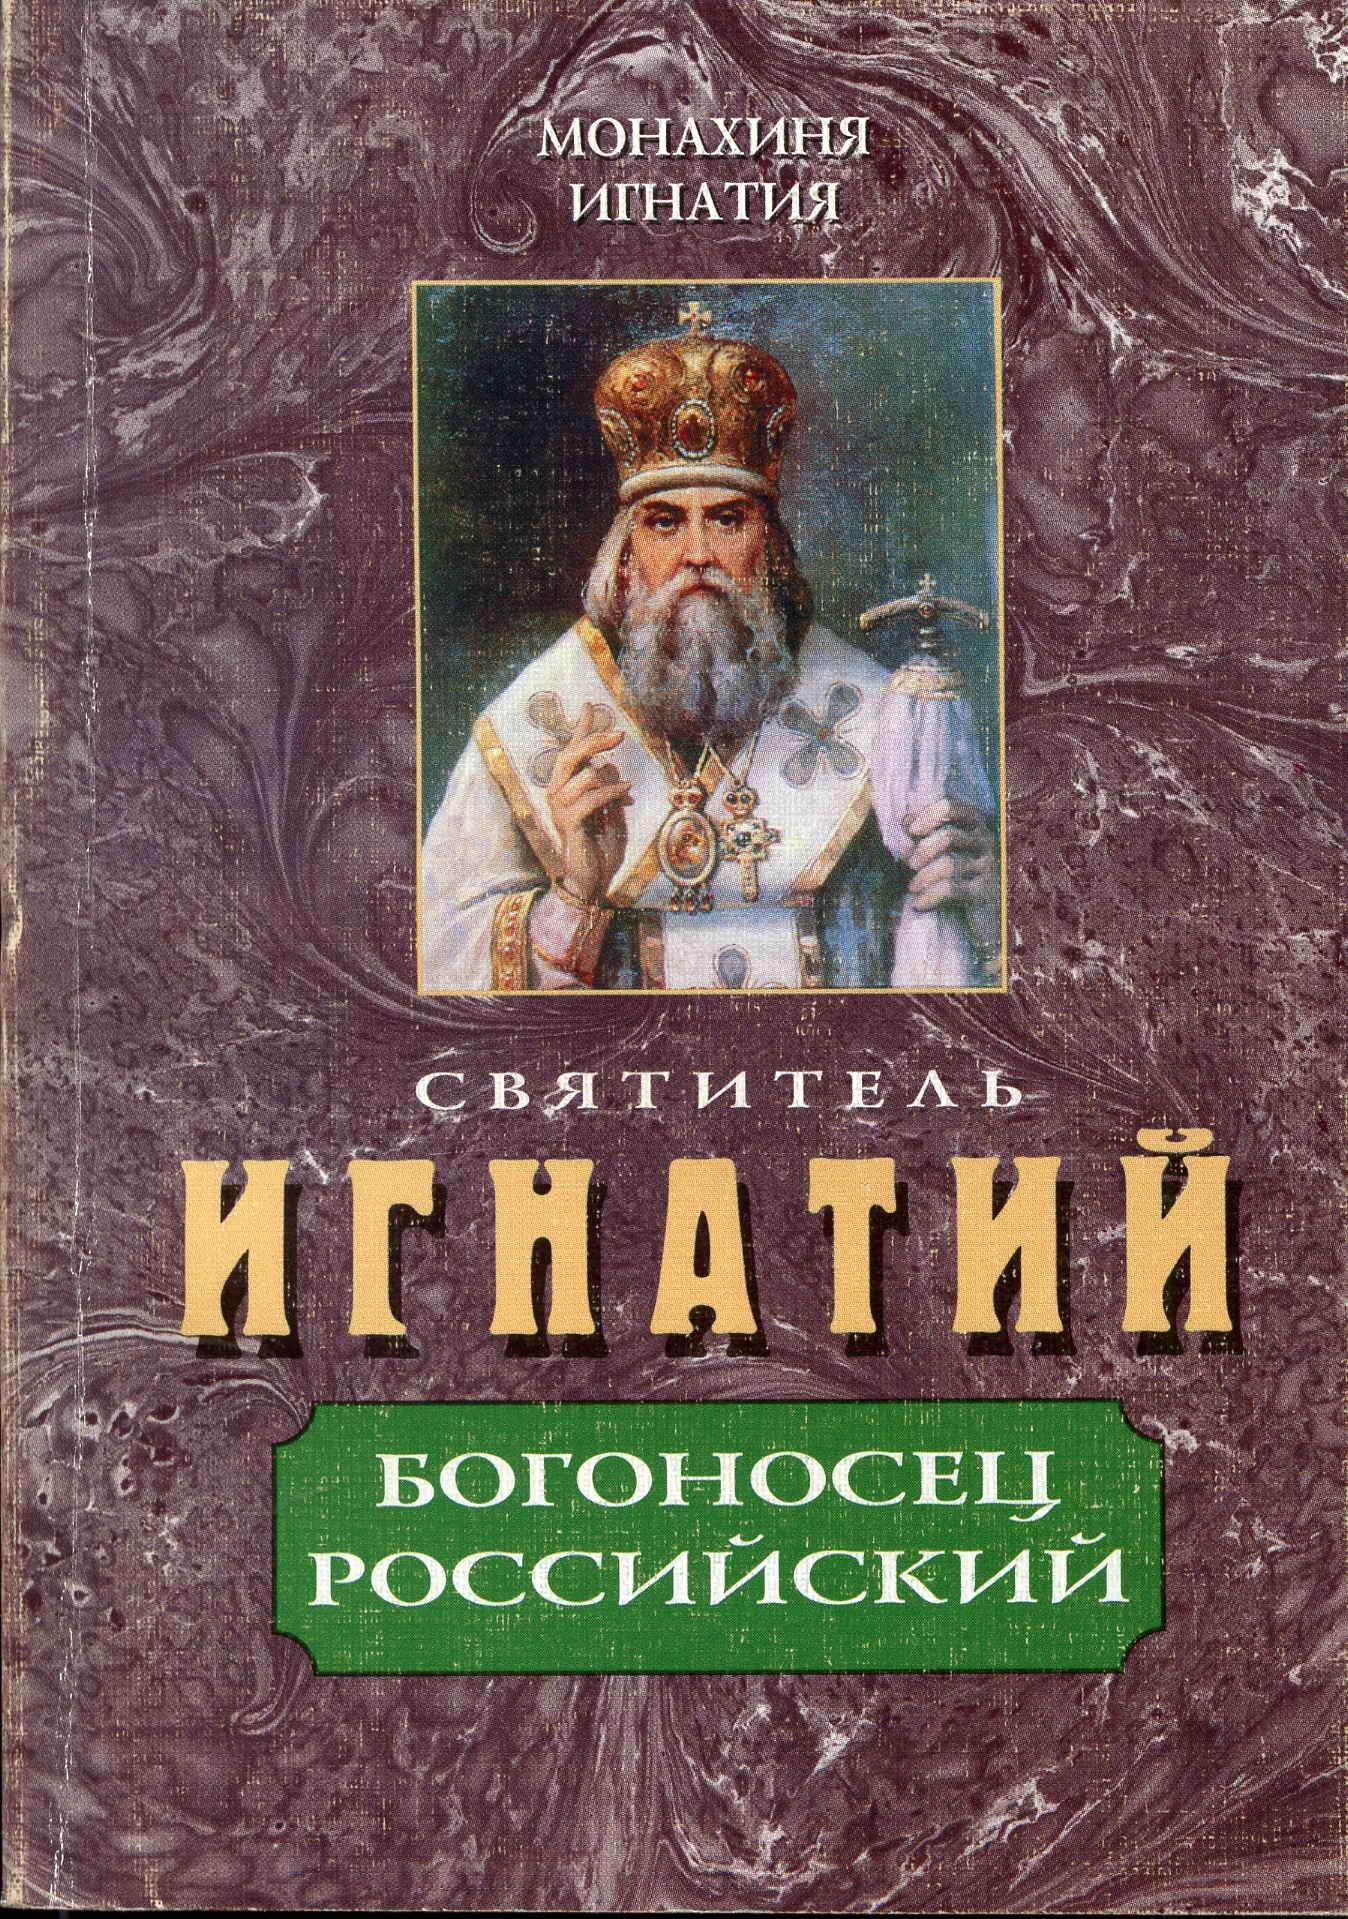 монахиня Игнатия (Пузик) Святитель Игнатий – Богоносец Российский